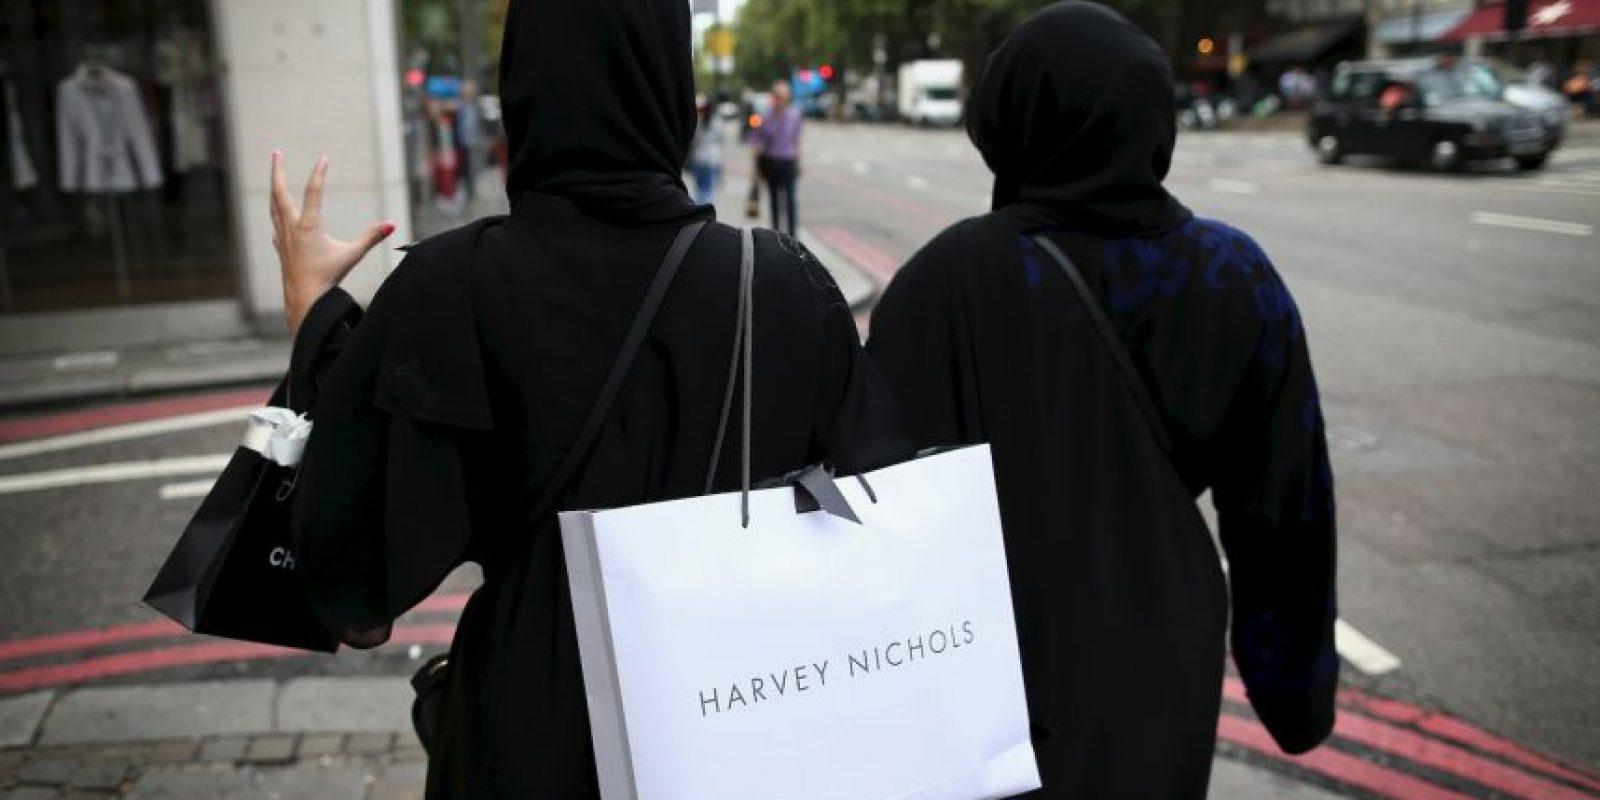 Las autoridades Inglesas han detectado un aumento en los ataques contra musulmanes locales. Foto:Getty Images